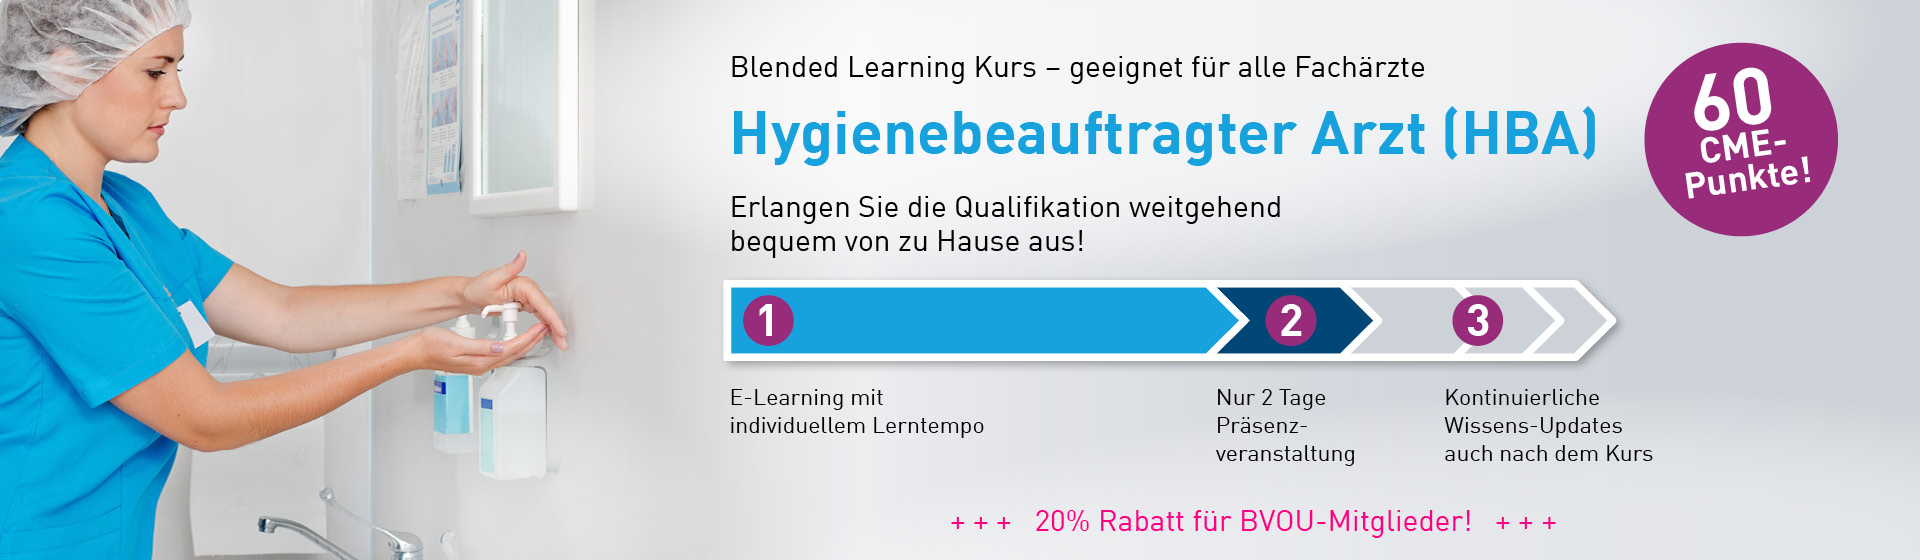 Schneller zum Zertifikat mit E-Learning